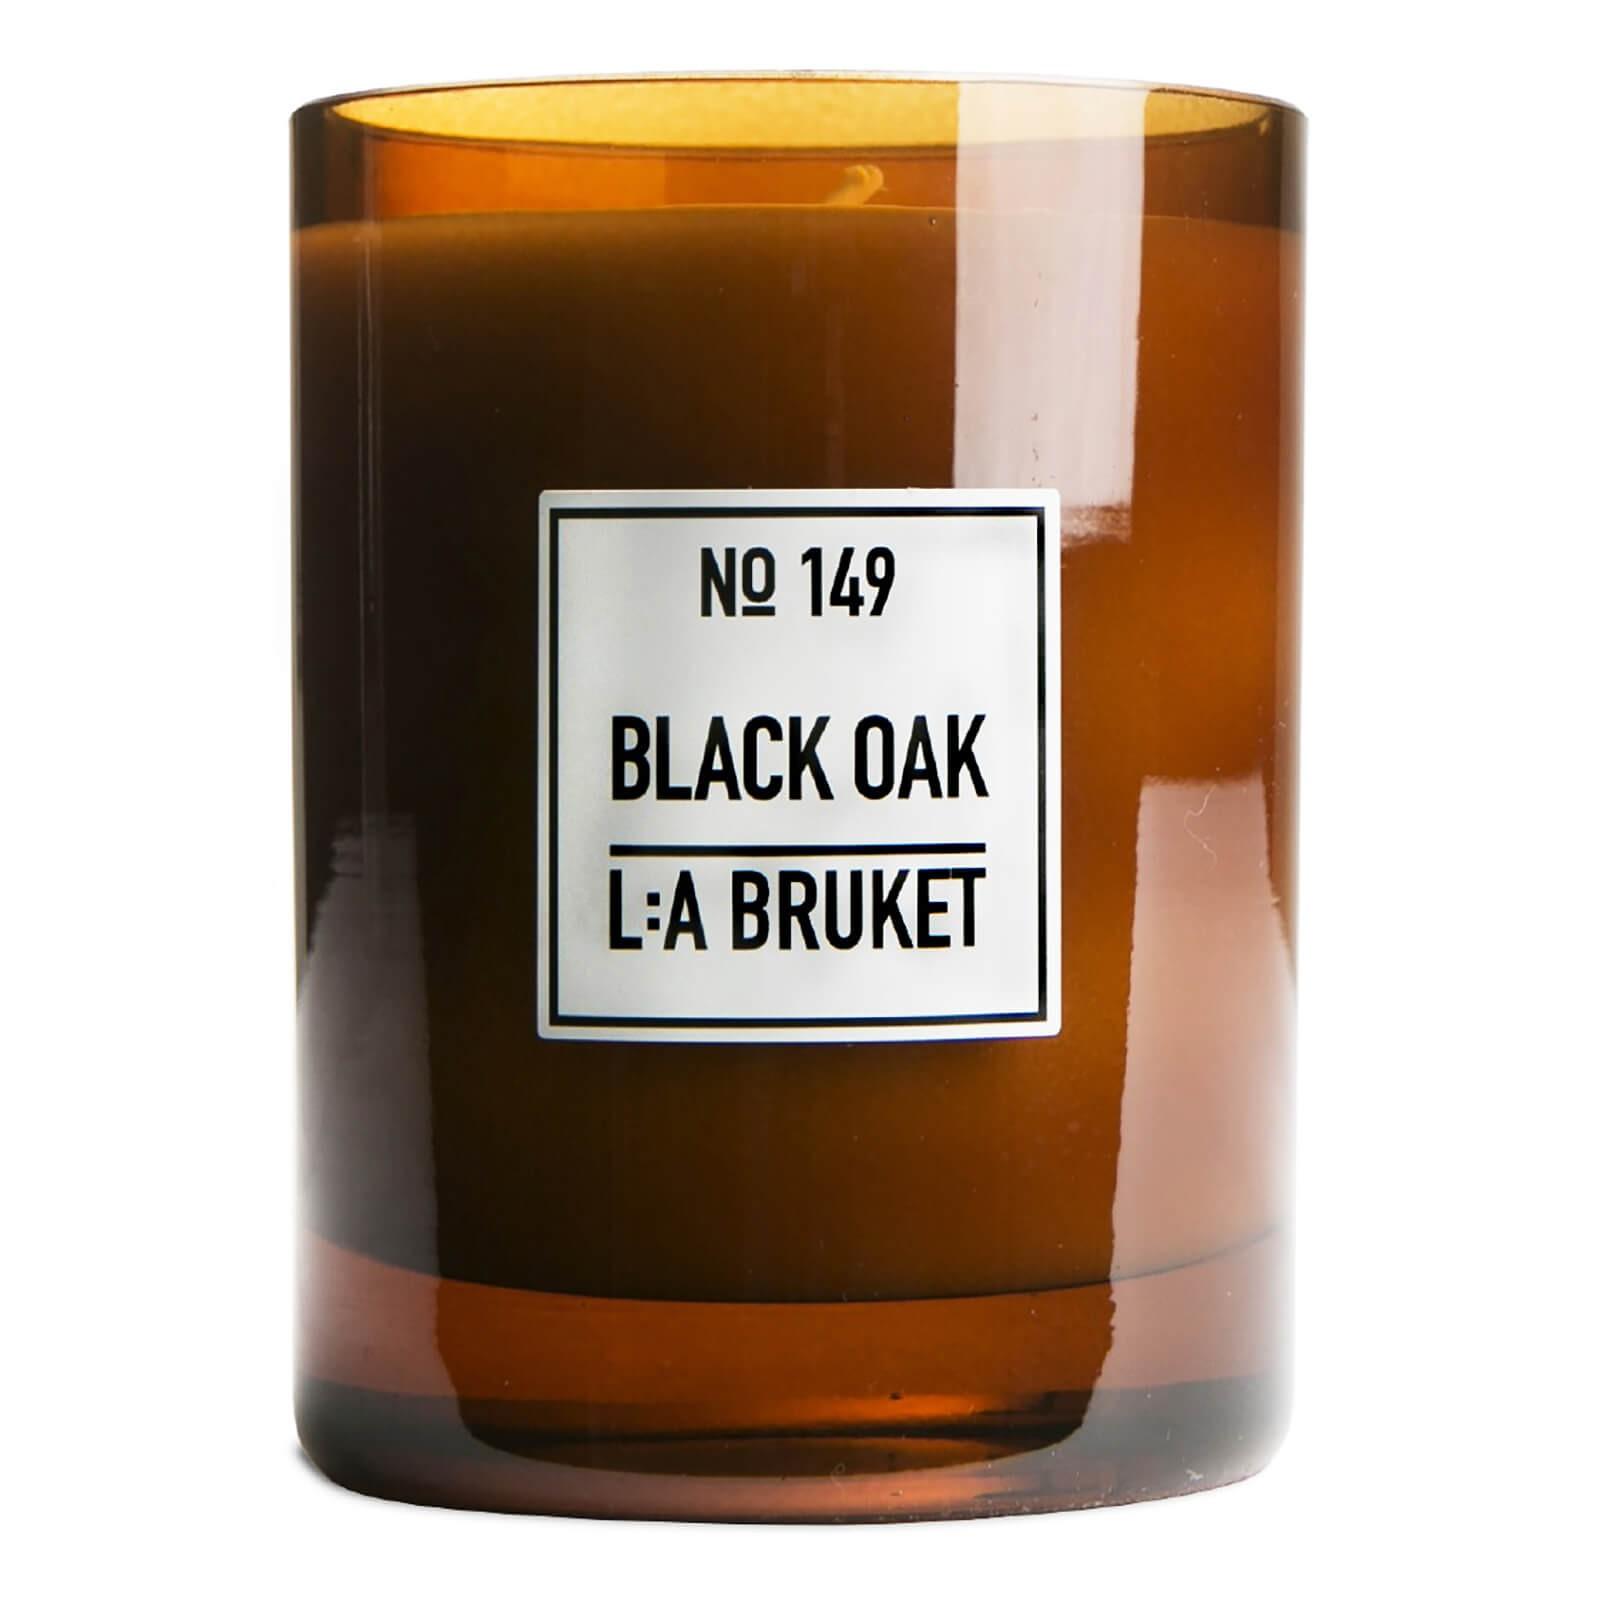 L:A BRUKET 大罐黑橡木香氛蜡烛 260g